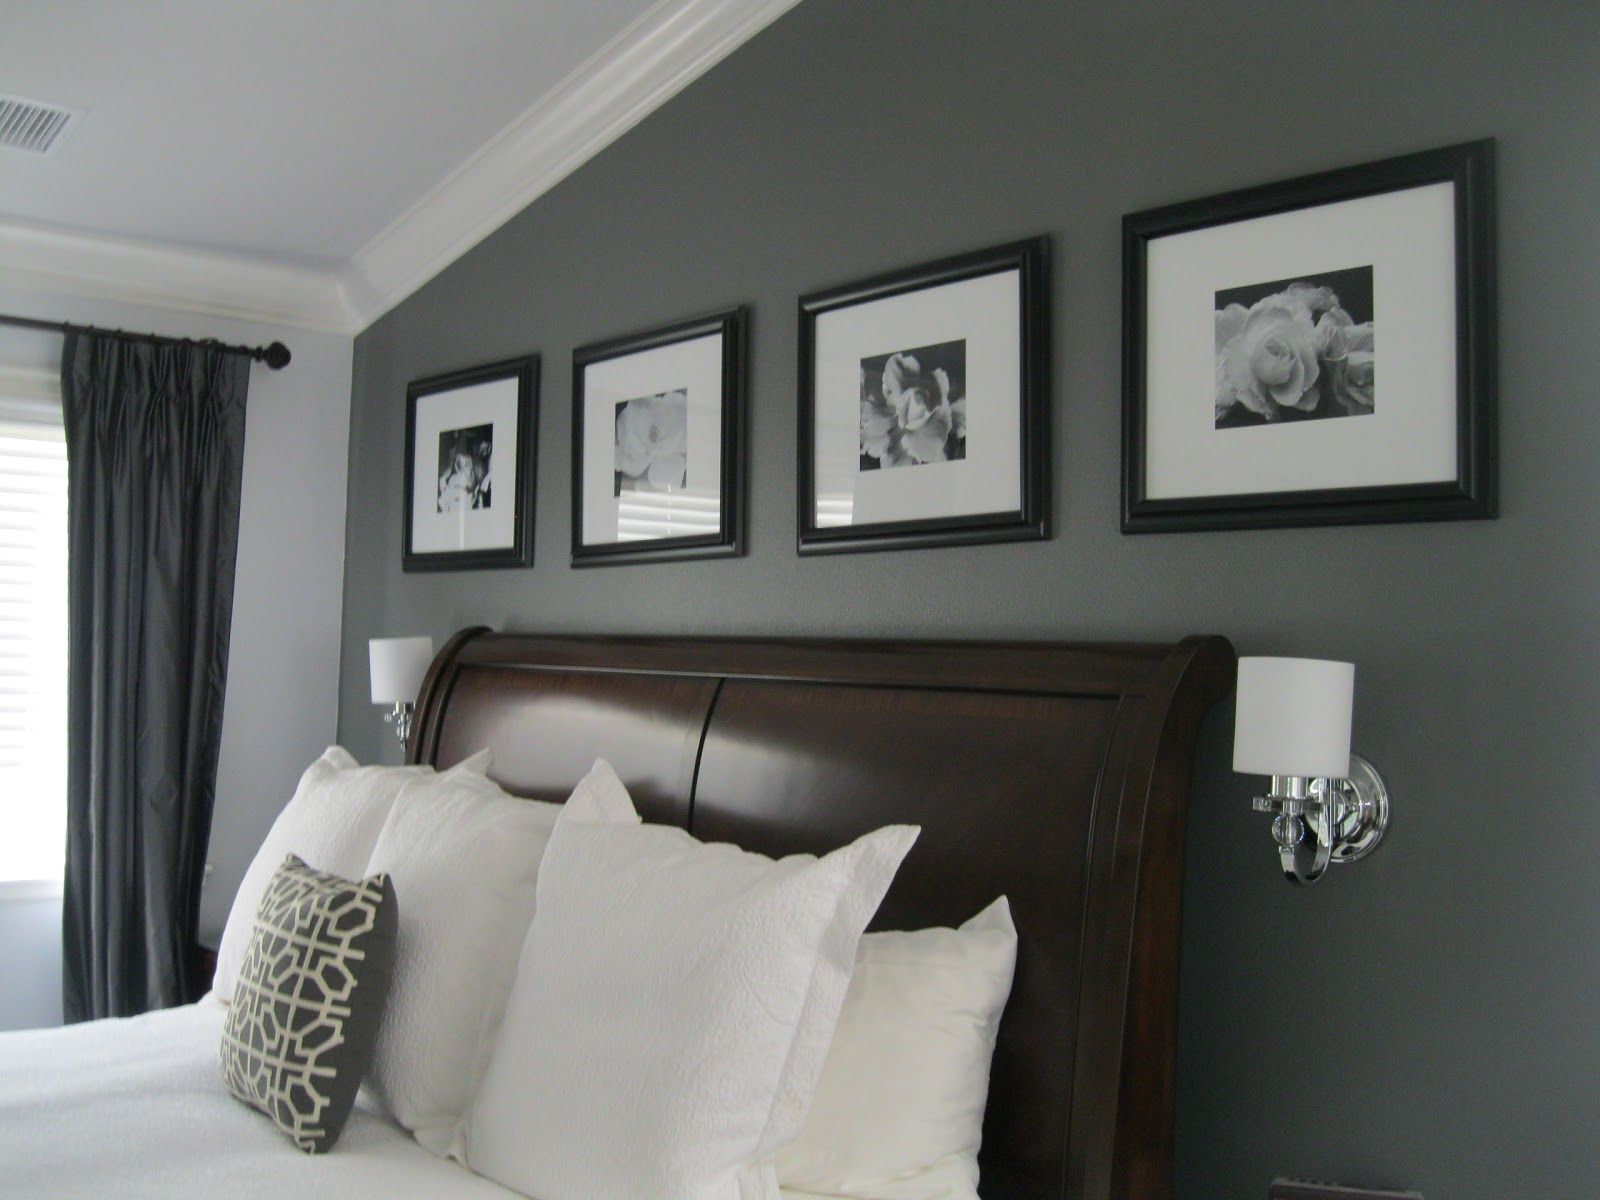 Paint Your House App excellent paint your house app to pick | home decor ideas